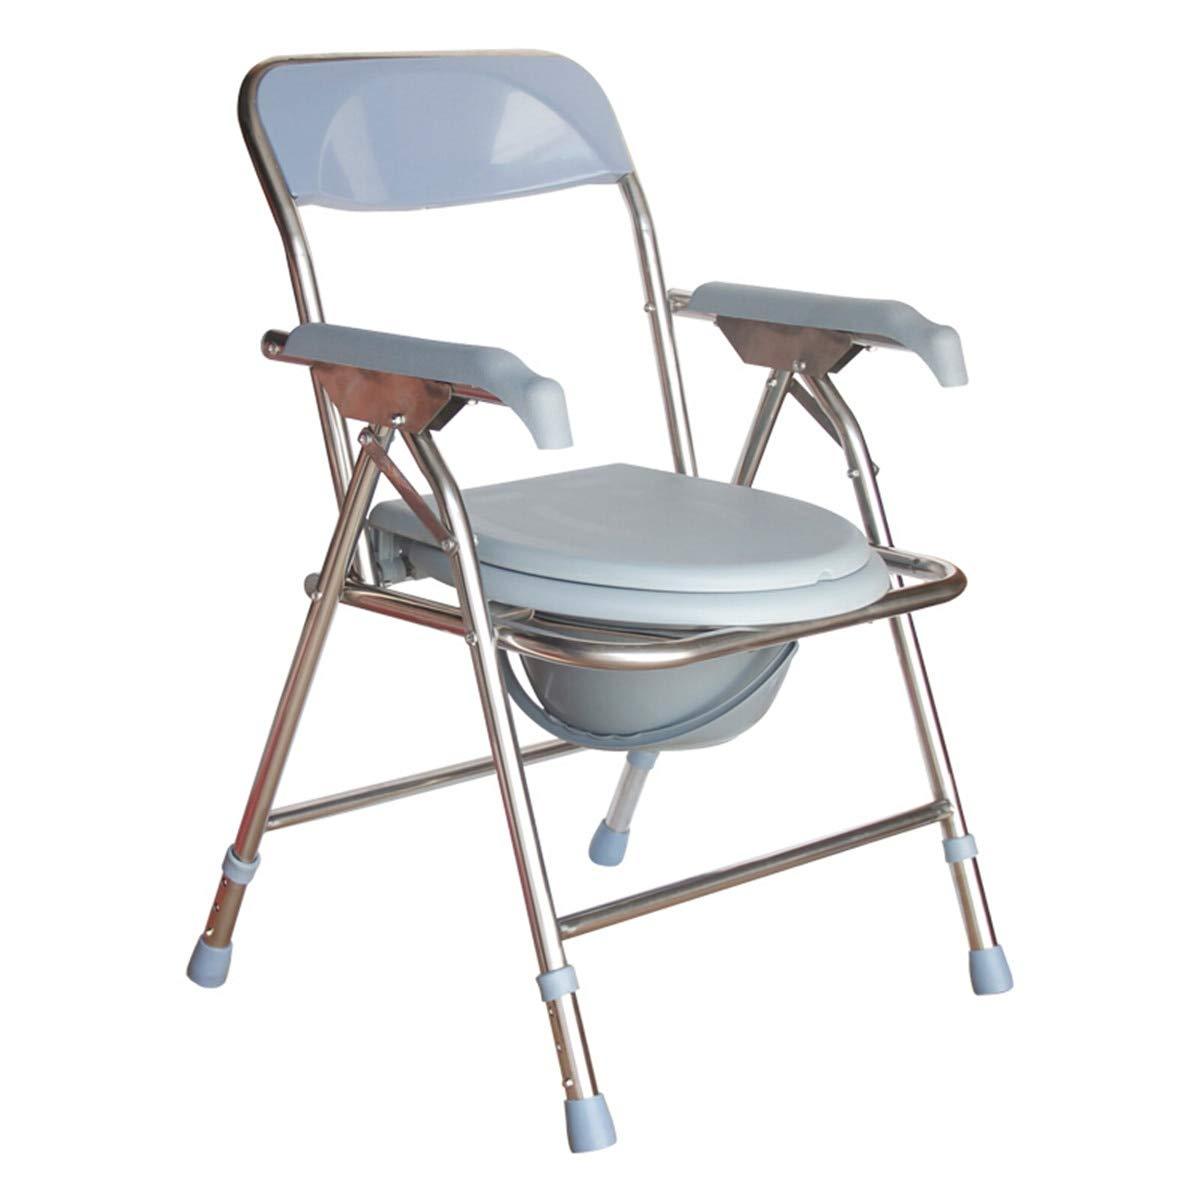 Marvelous Amazon Com Commode Bedside Toilet Chair Adjustable Height Inzonedesignstudio Interior Chair Design Inzonedesignstudiocom